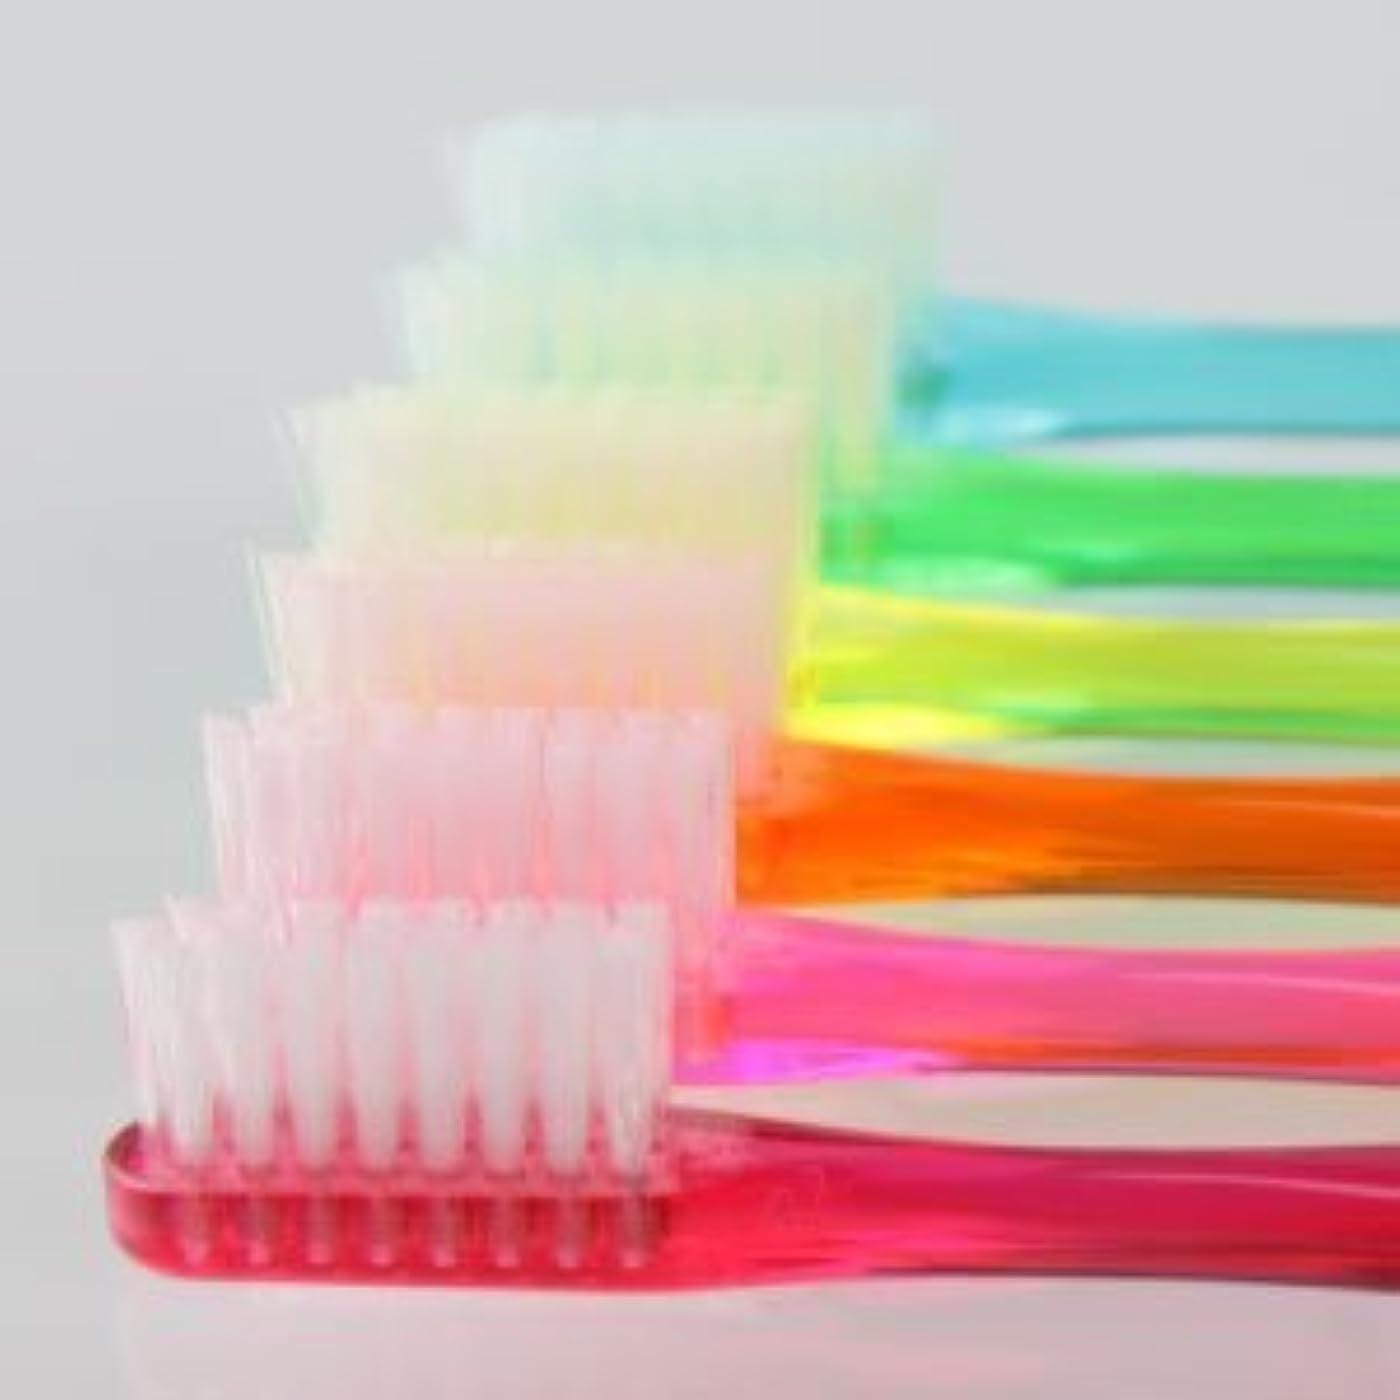 苗違法黒サムフレンド 歯ブラシ #21(ミディアム) 6本 ※お色は当店お任せです